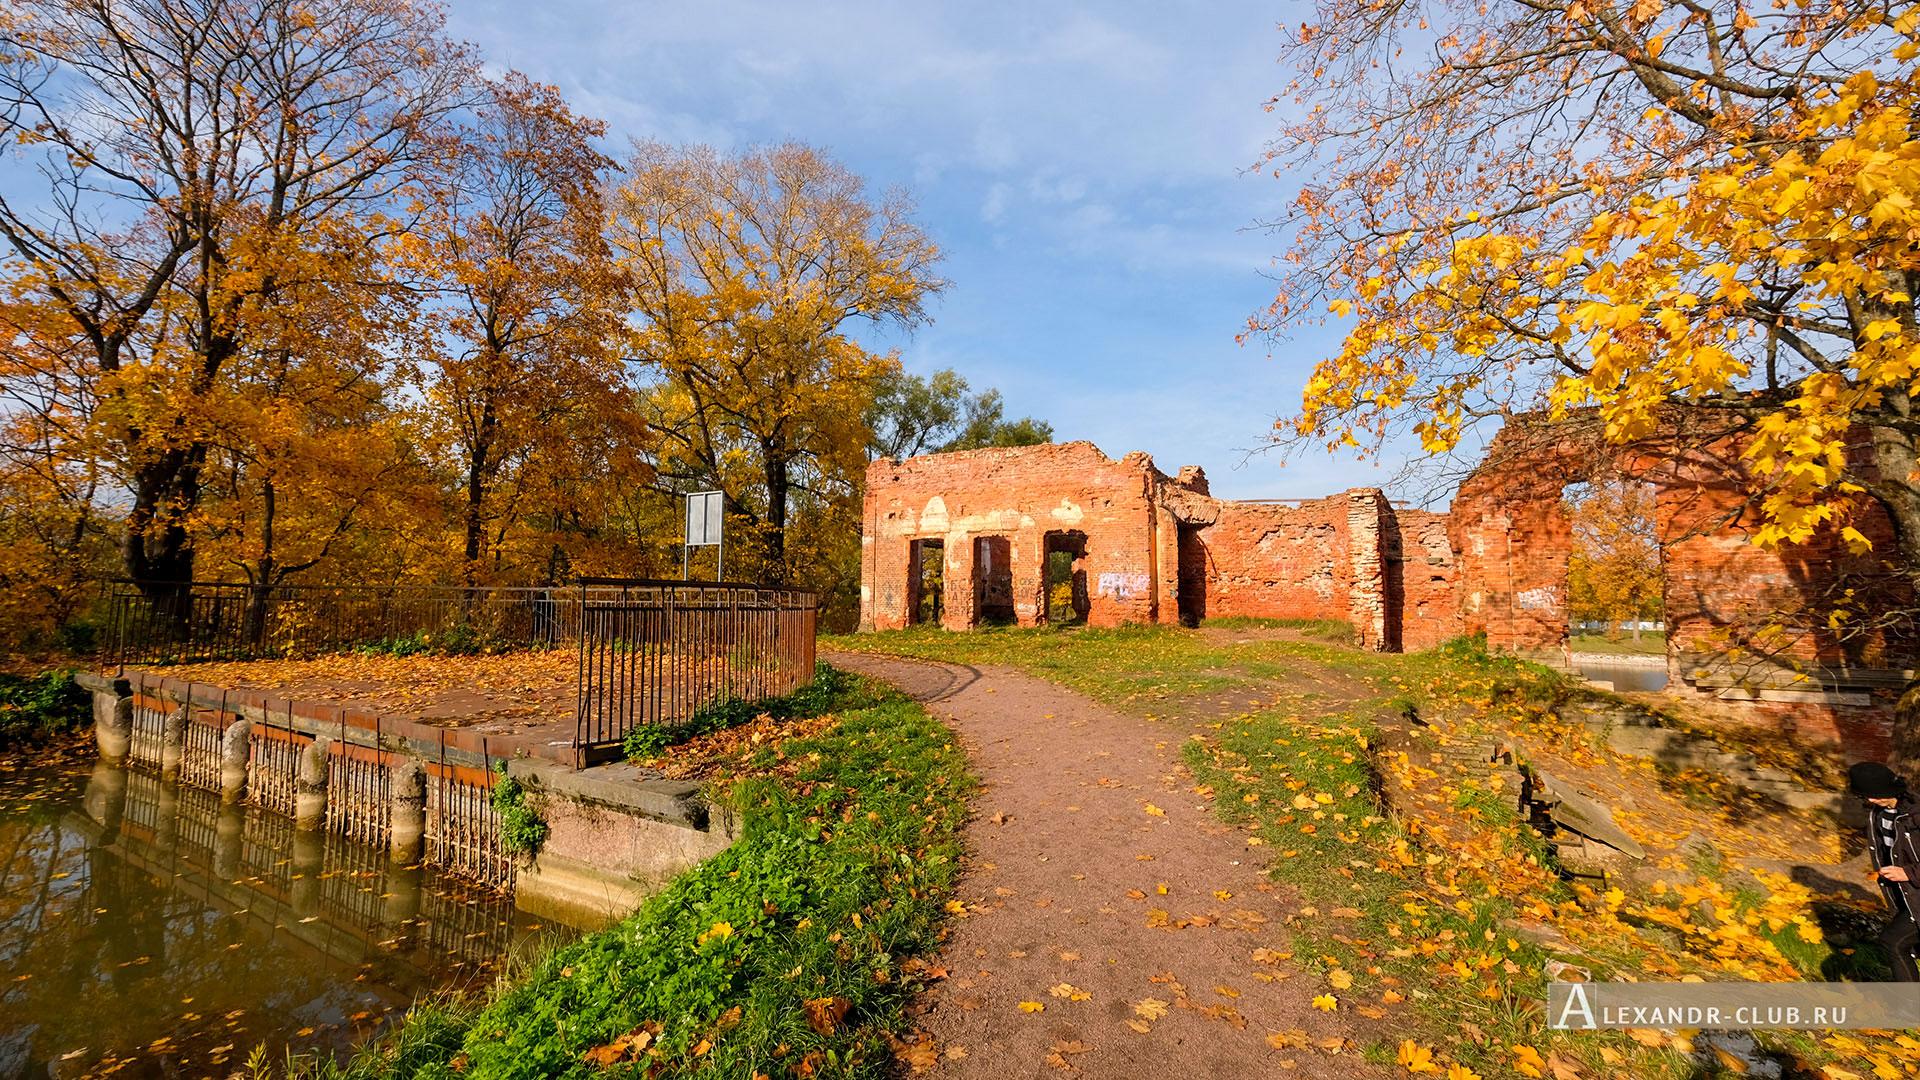 Петергоф, Луговой парк, осень, Розовый павильон